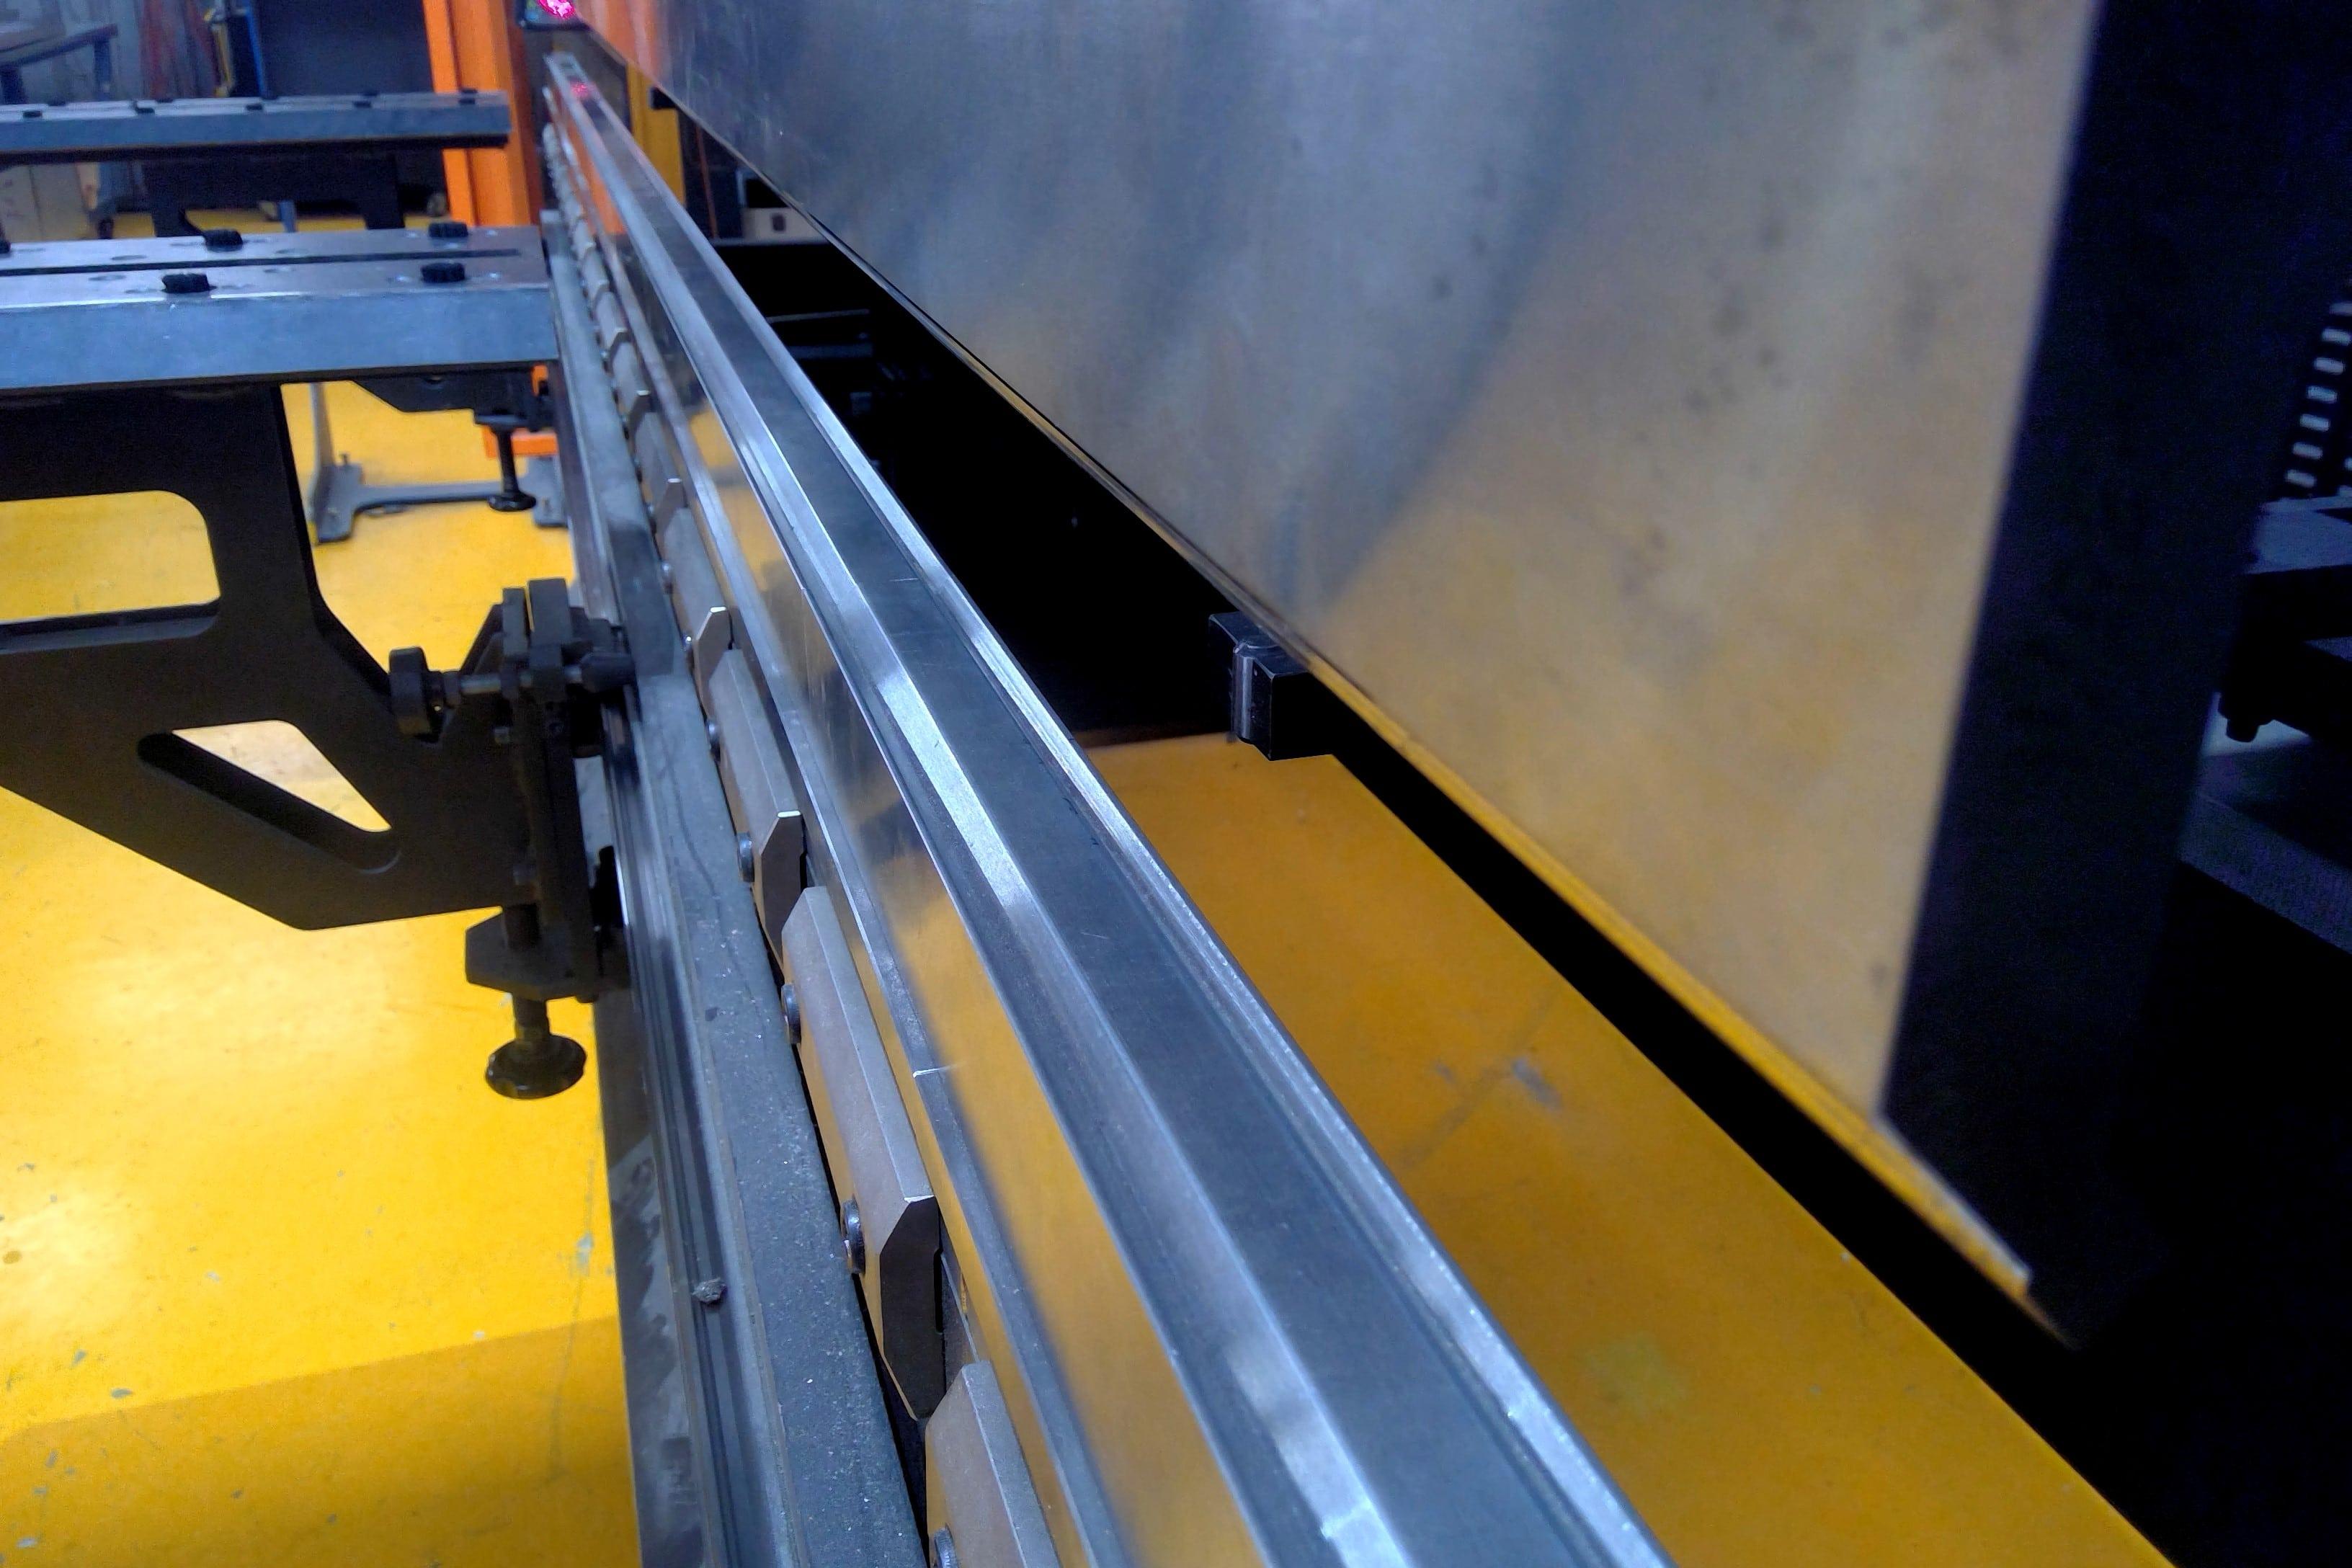 Factory fabrication machinery